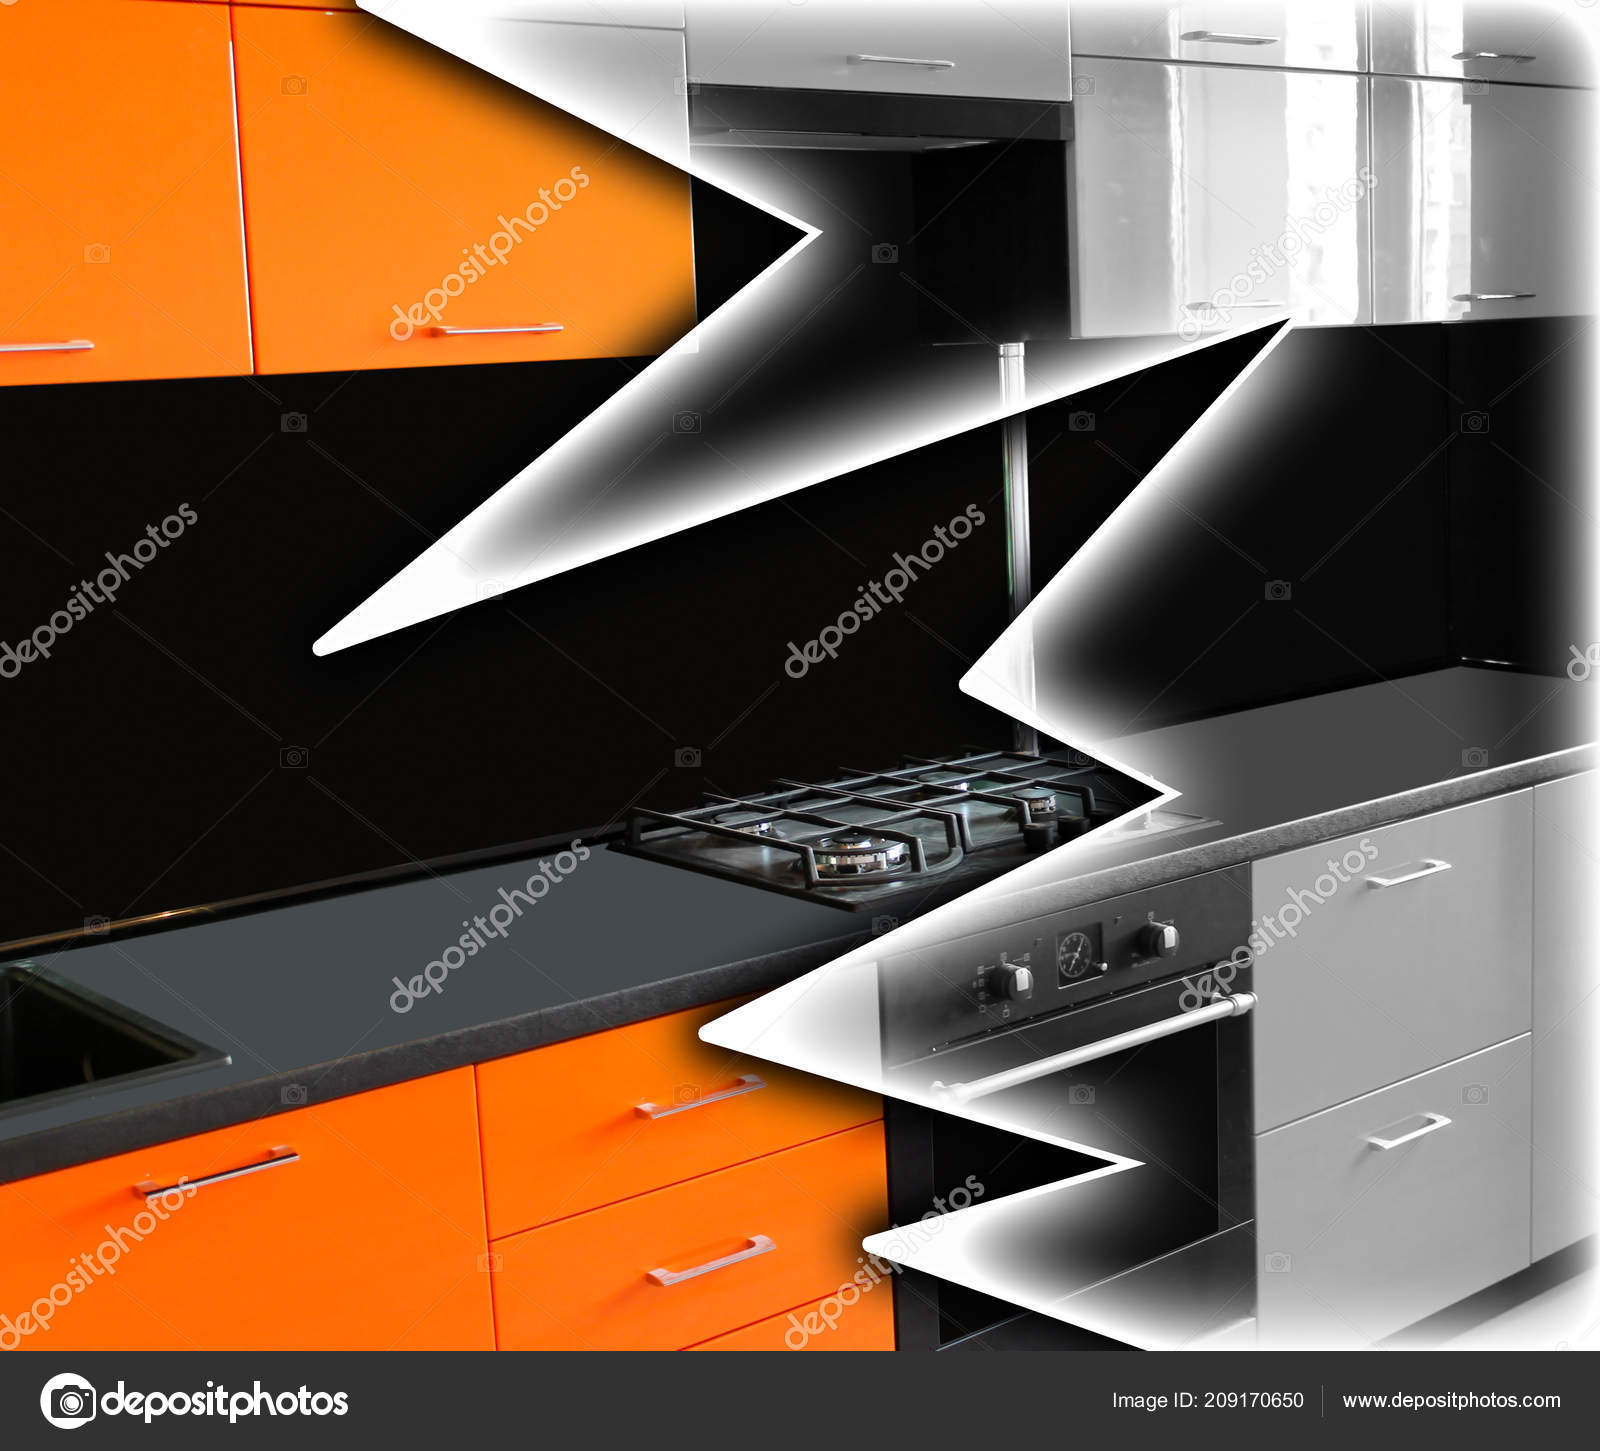 Restauration Meubles Cuisine Orange Vif Sous Une Couche Noir Blanche ...